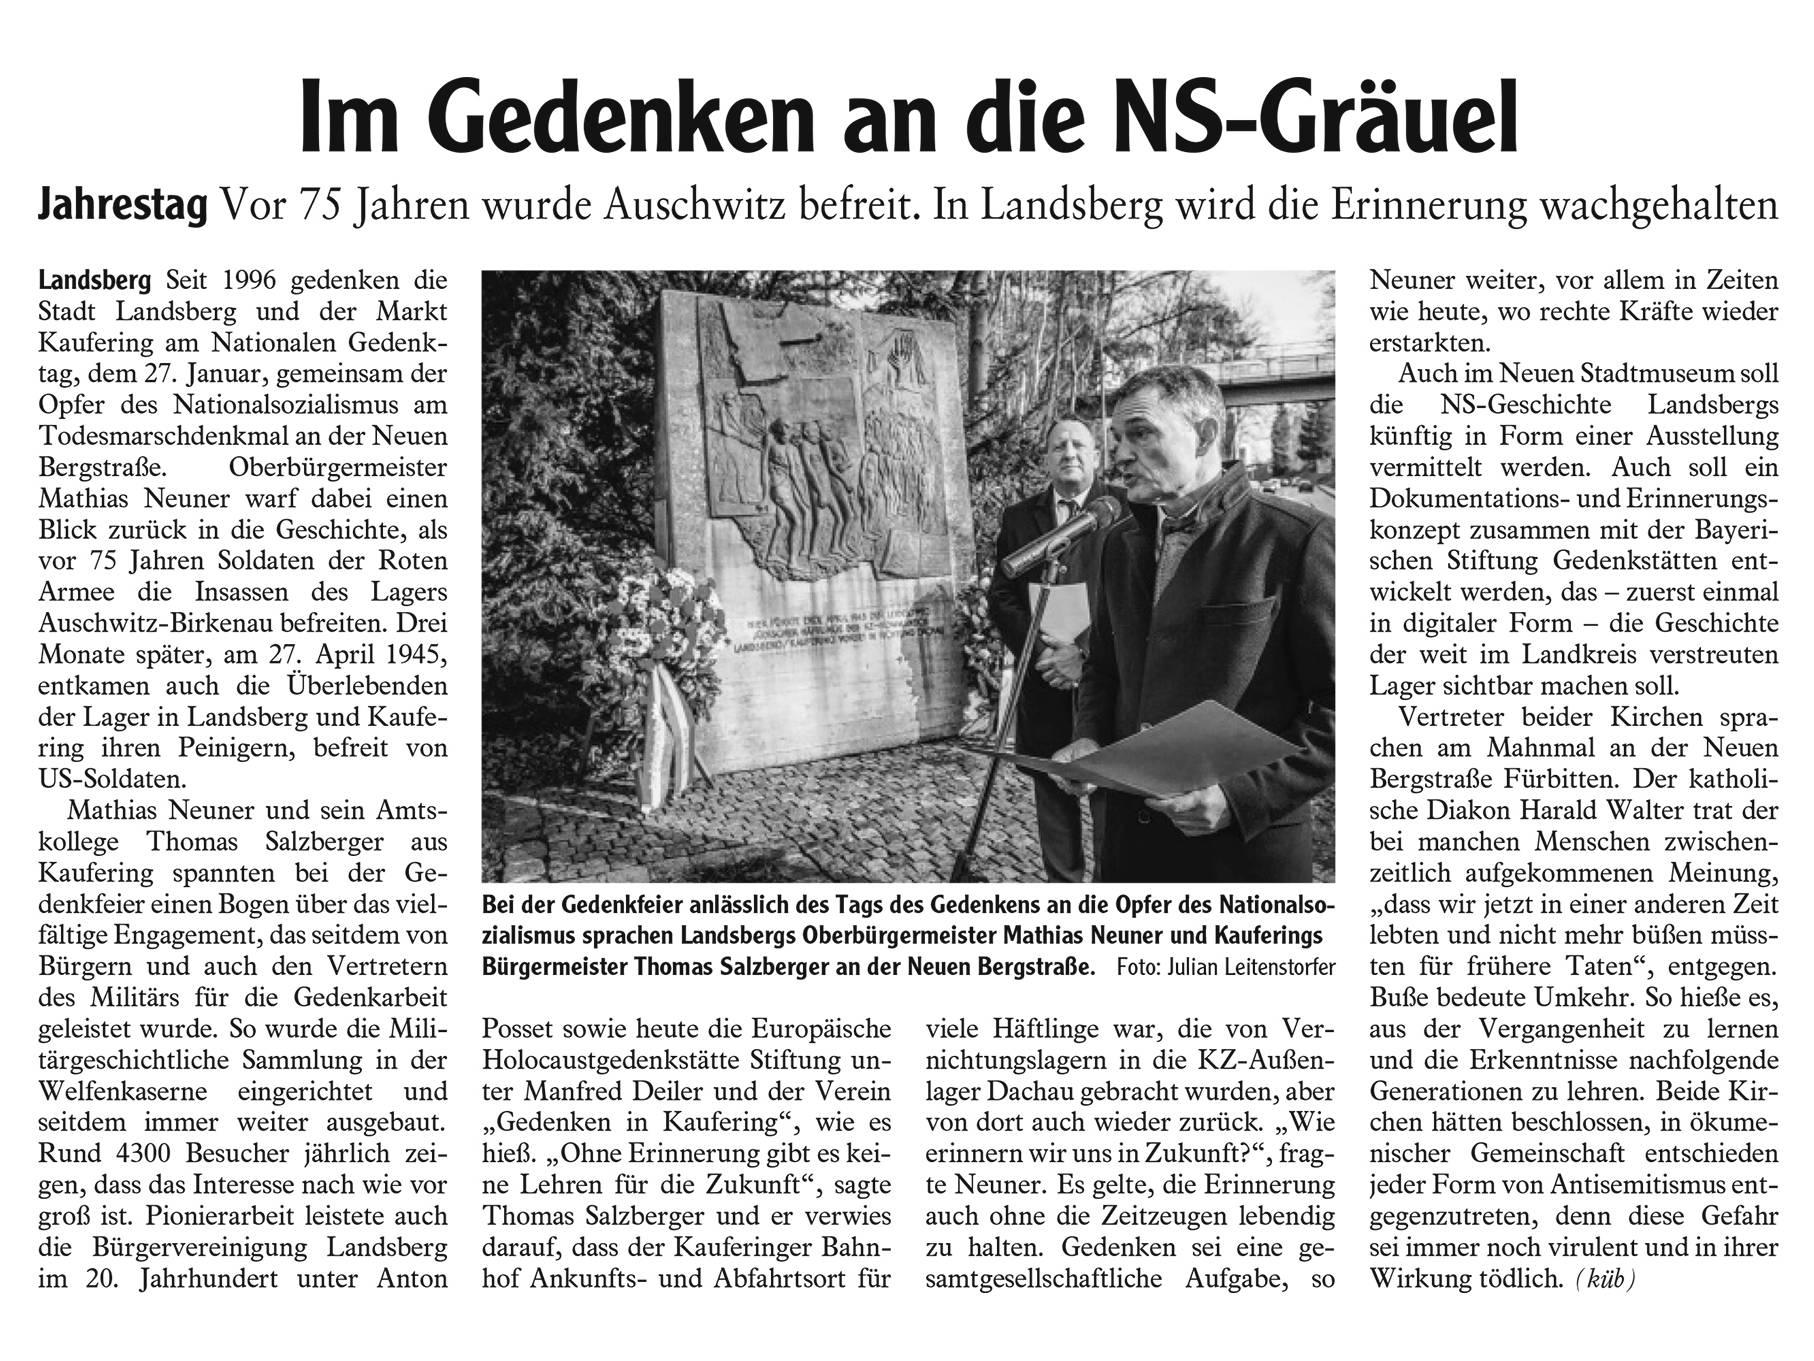 Erinnerungskultur des Landkreises Landsberg am Lech.